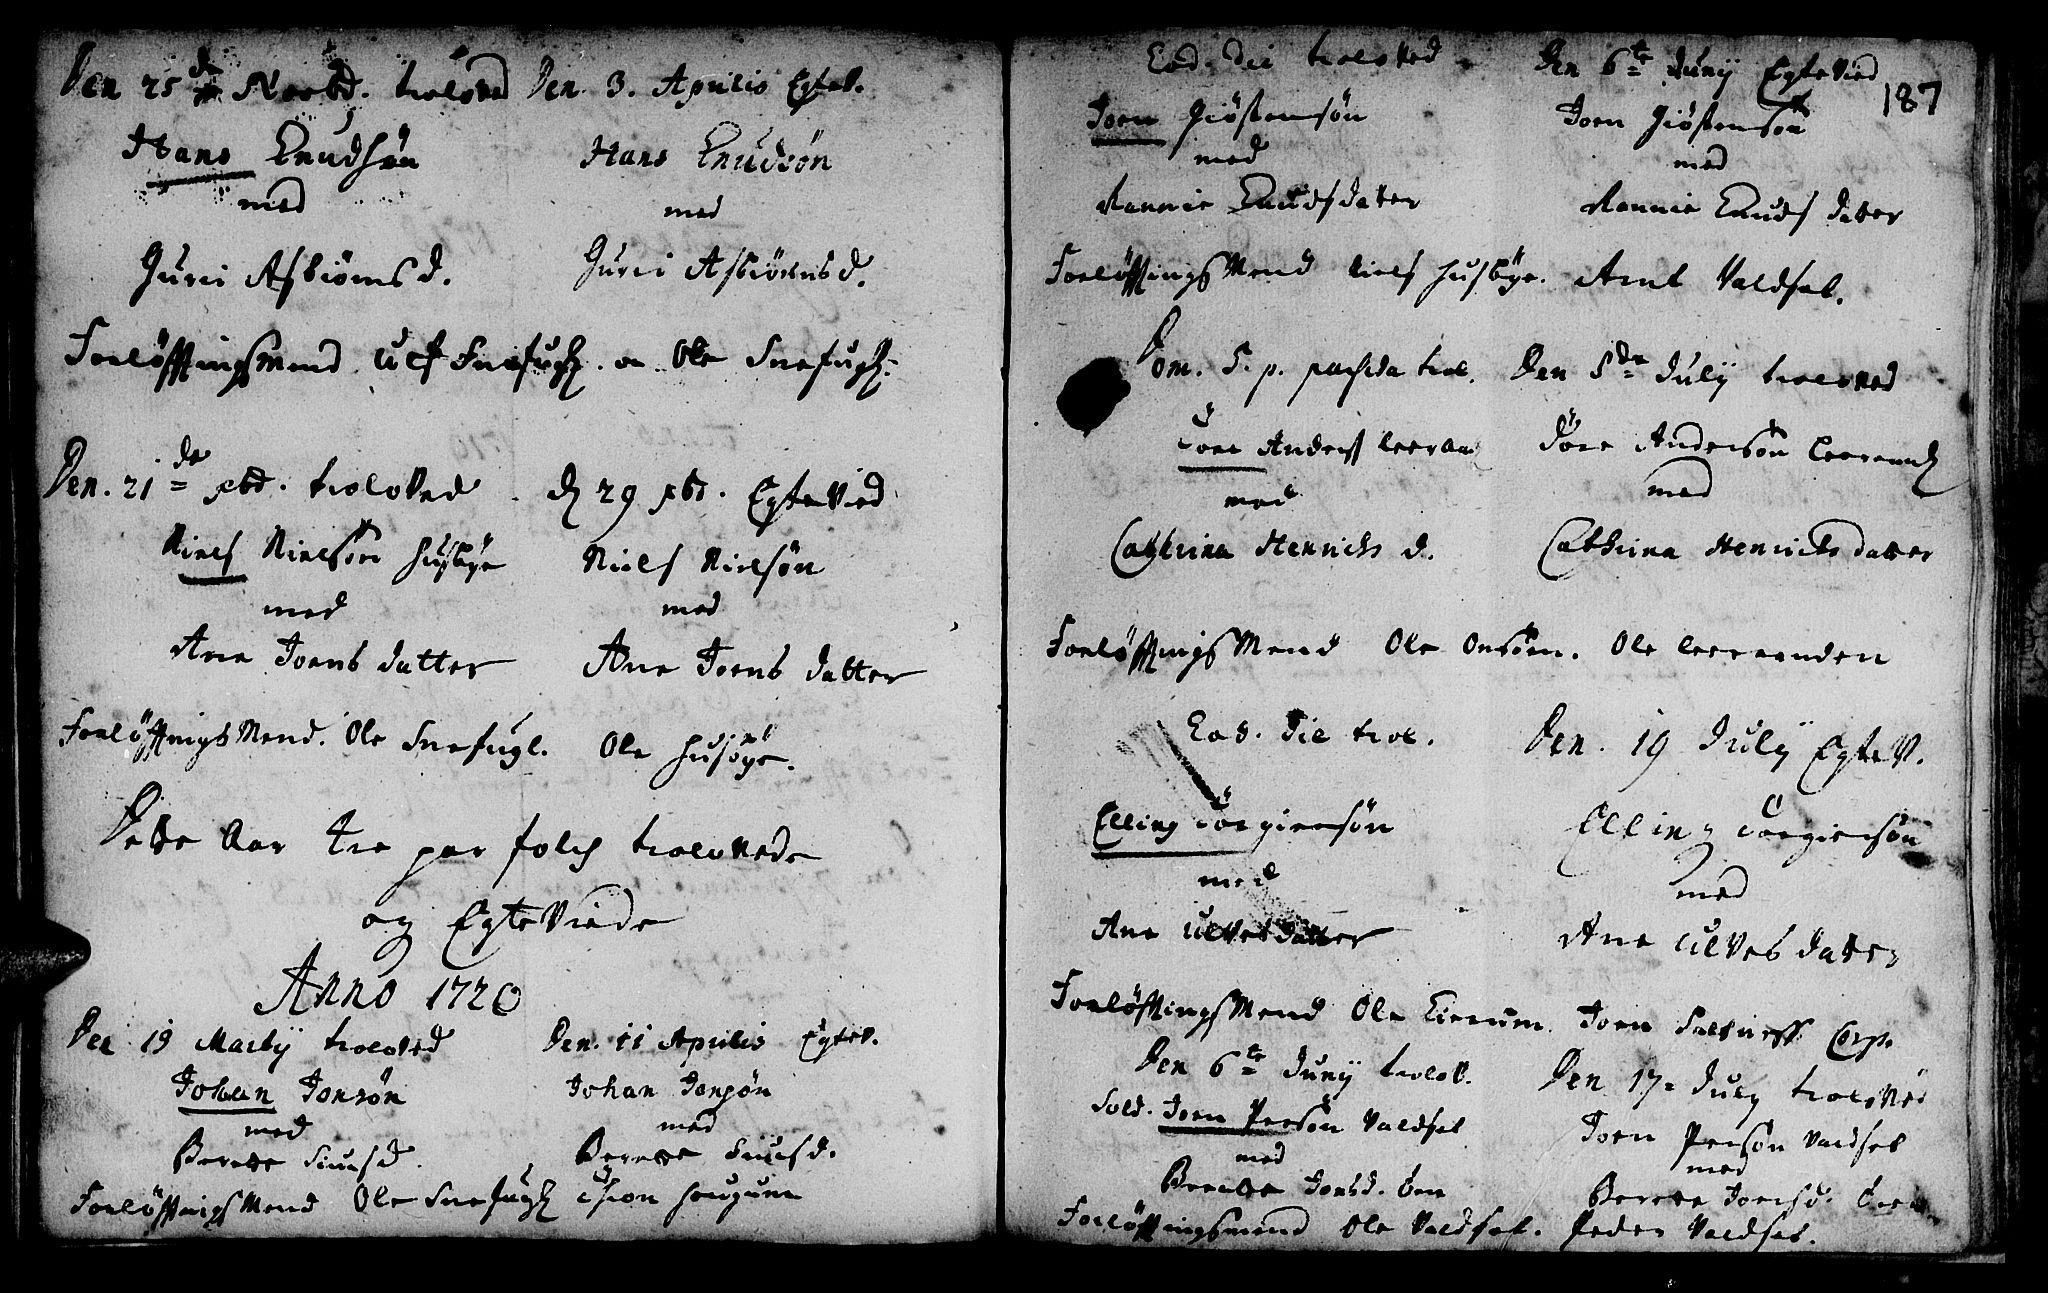 SAT, Ministerialprotokoller, klokkerbøker og fødselsregistre - Sør-Trøndelag, 666/L0783: Ministerialbok nr. 666A01, 1702-1753, s. 187